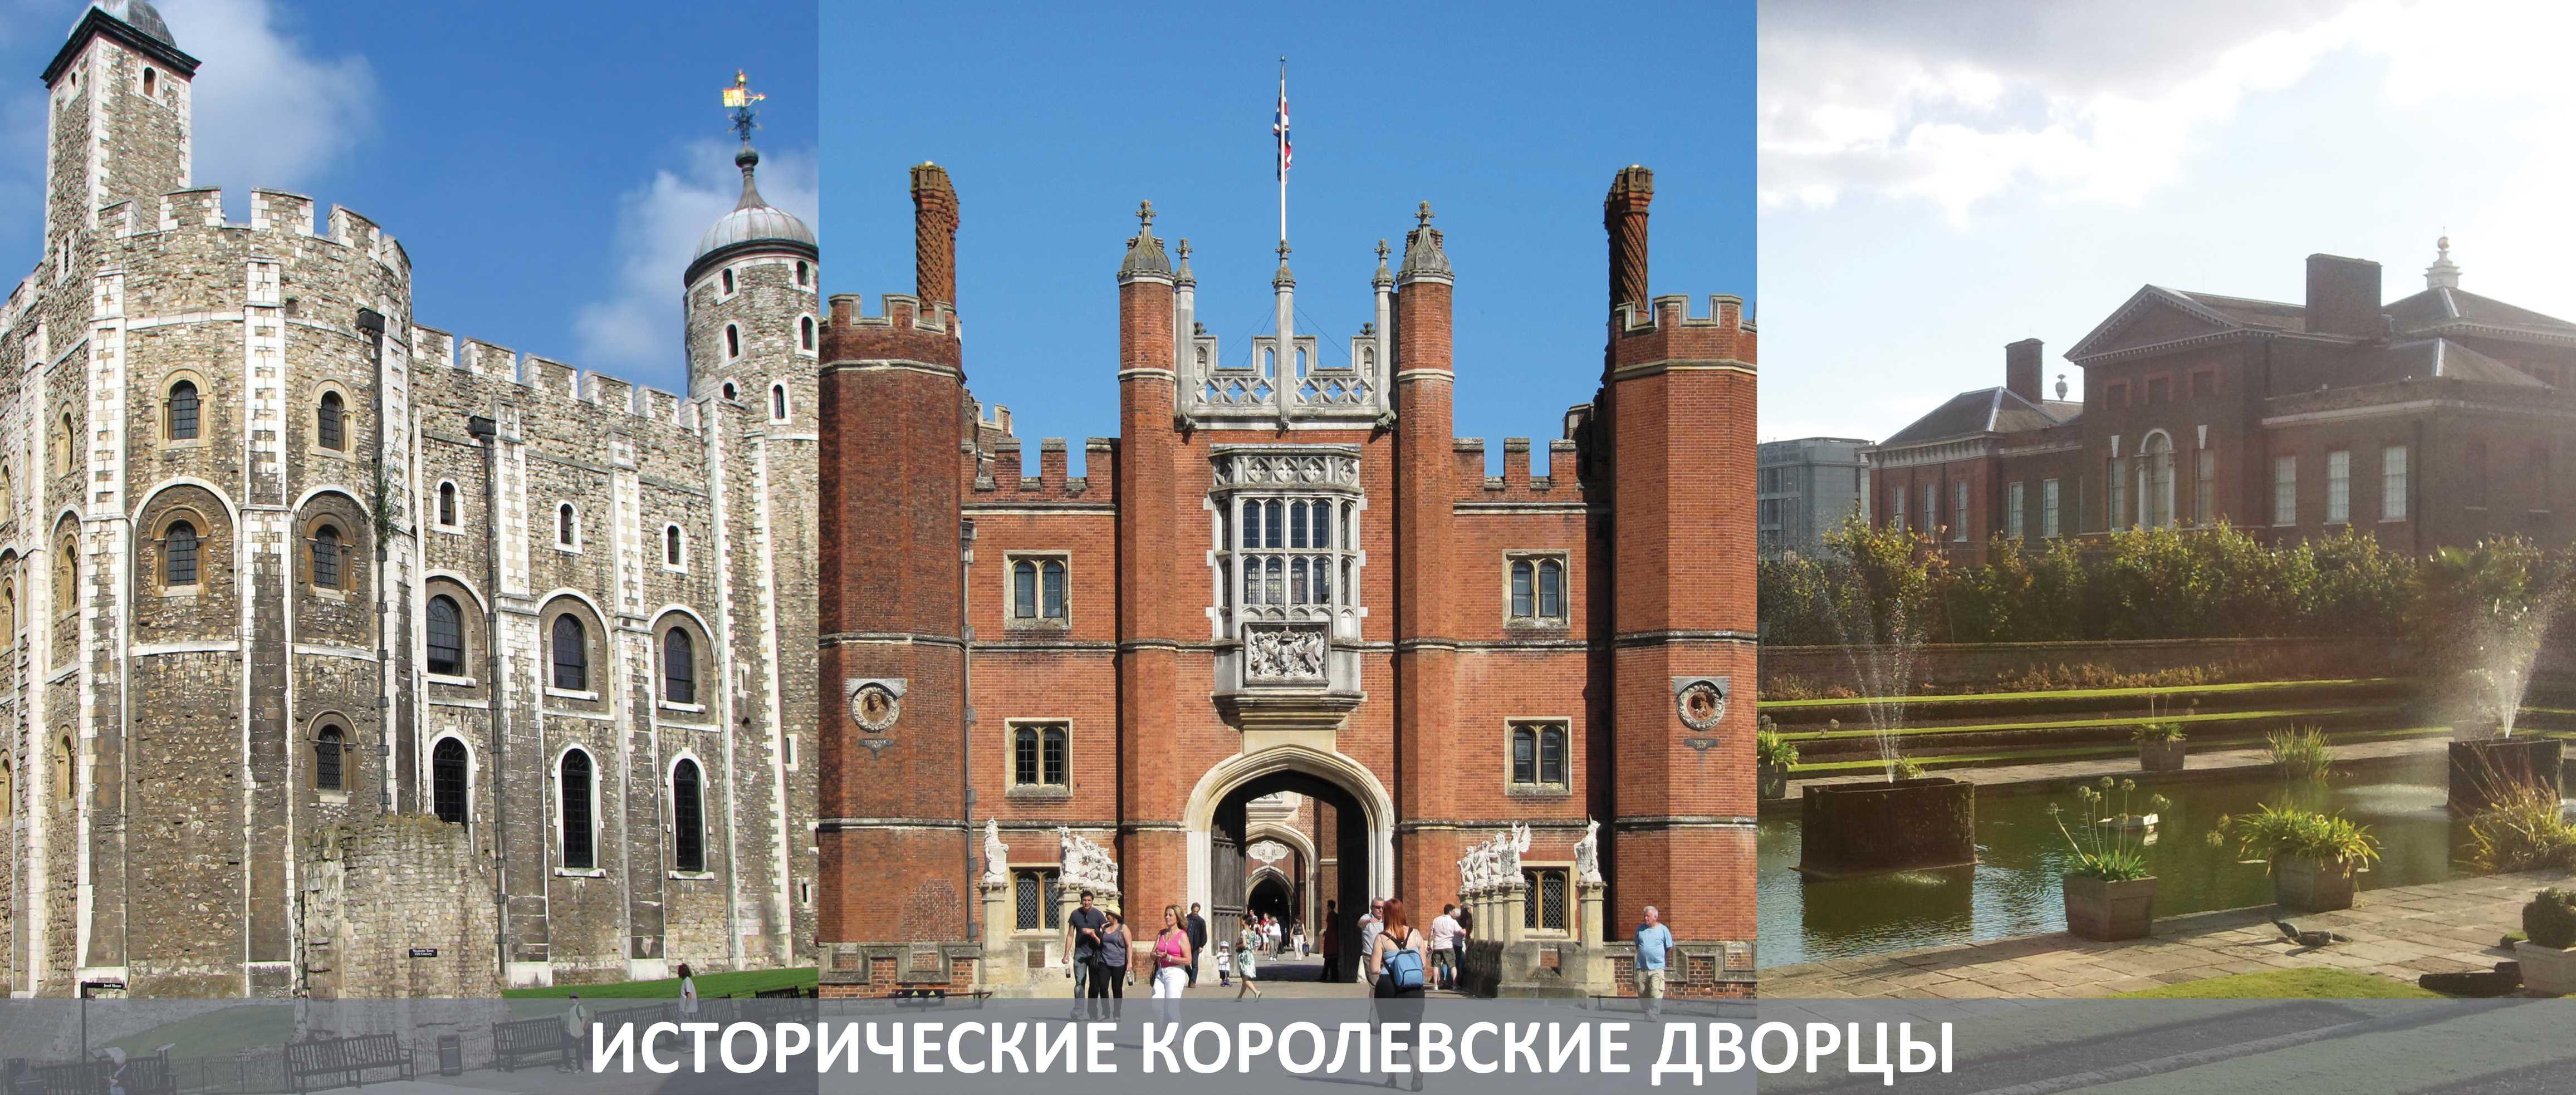 Достопримечательности Лондона : Исторические королевские дворцы